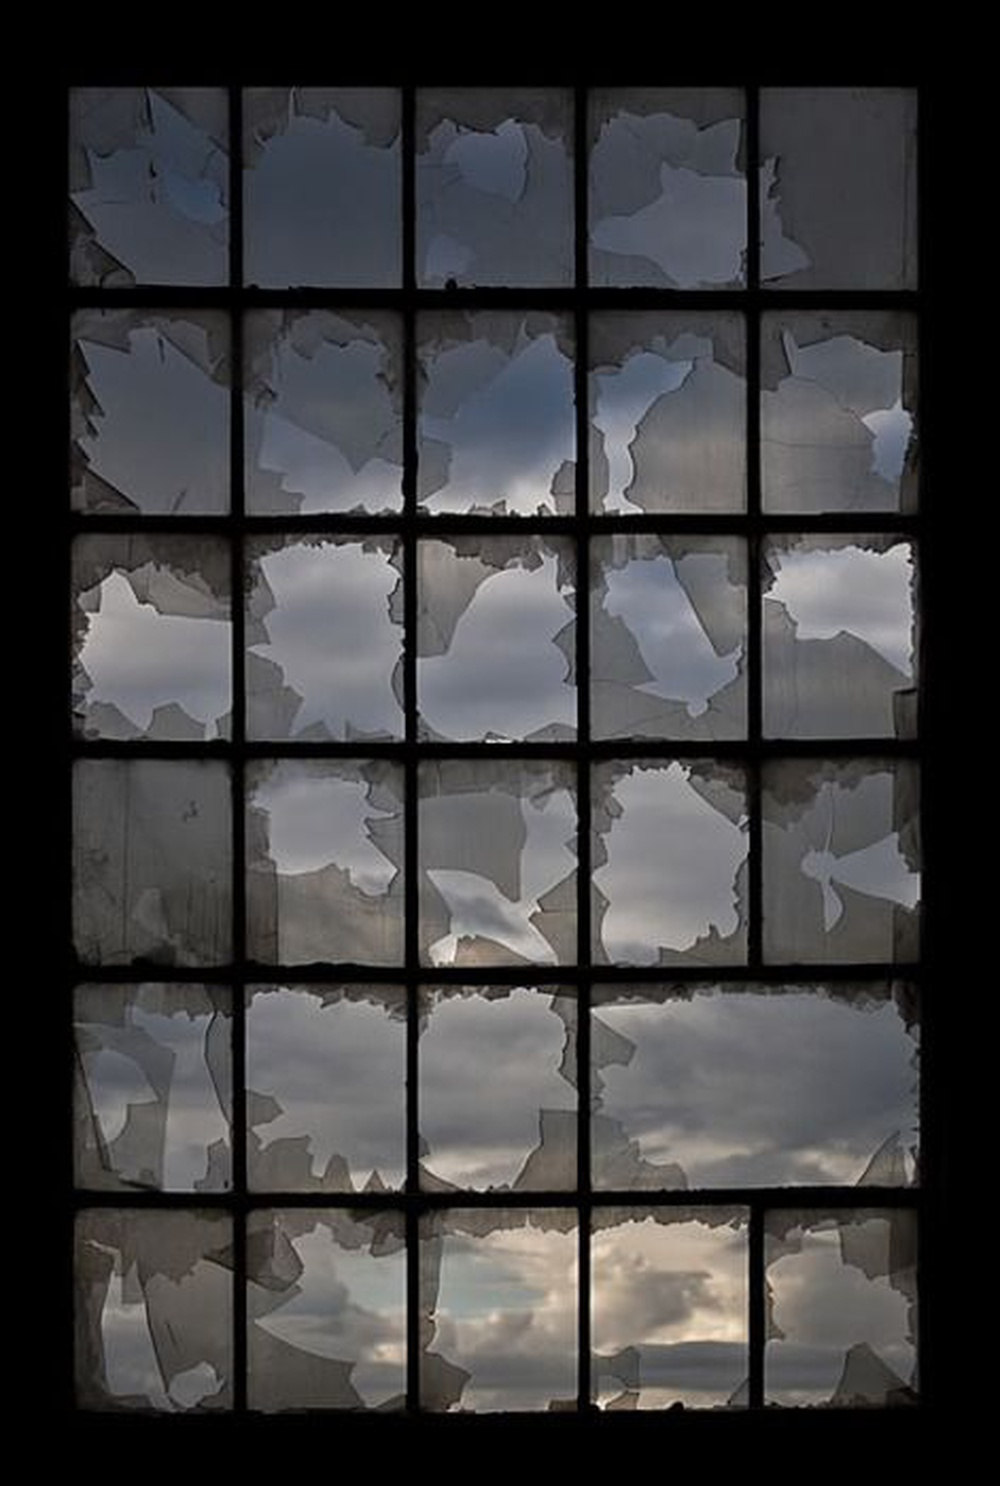 [théorie de la vitre cassée] Les signes visibles de la criminalité créent un environnement urbain qui encourage la criminalité et le trouble de l'ordre public